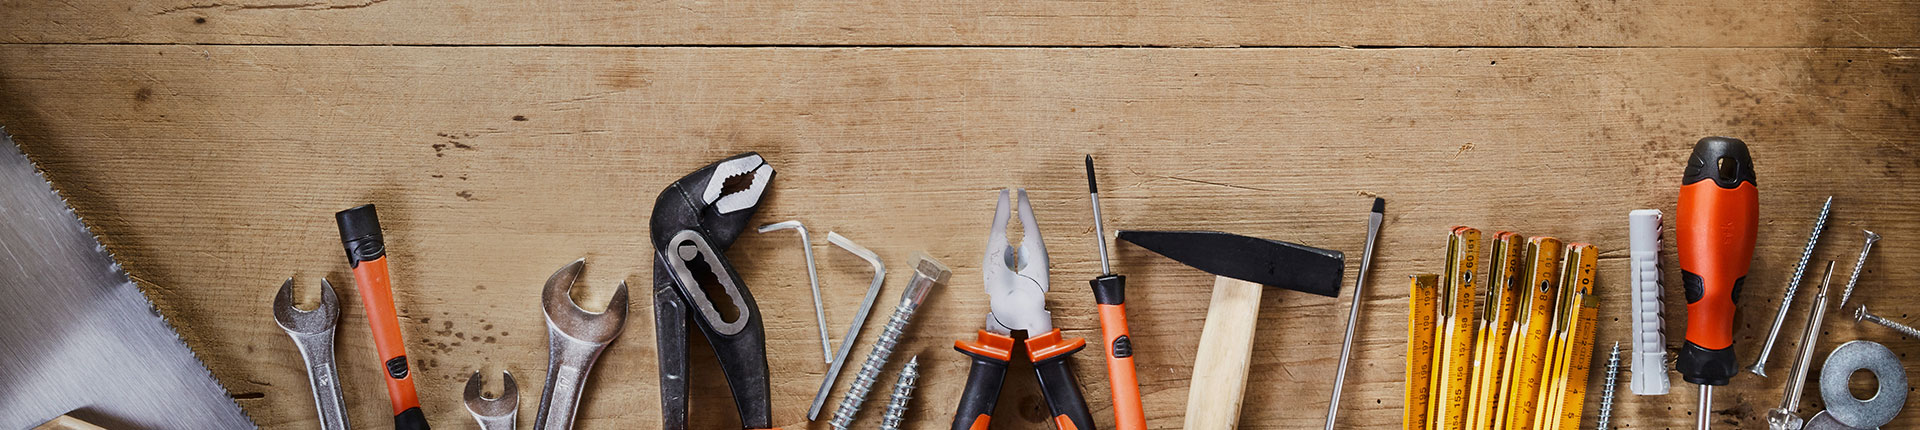 Werkzeug_02_1920x430px